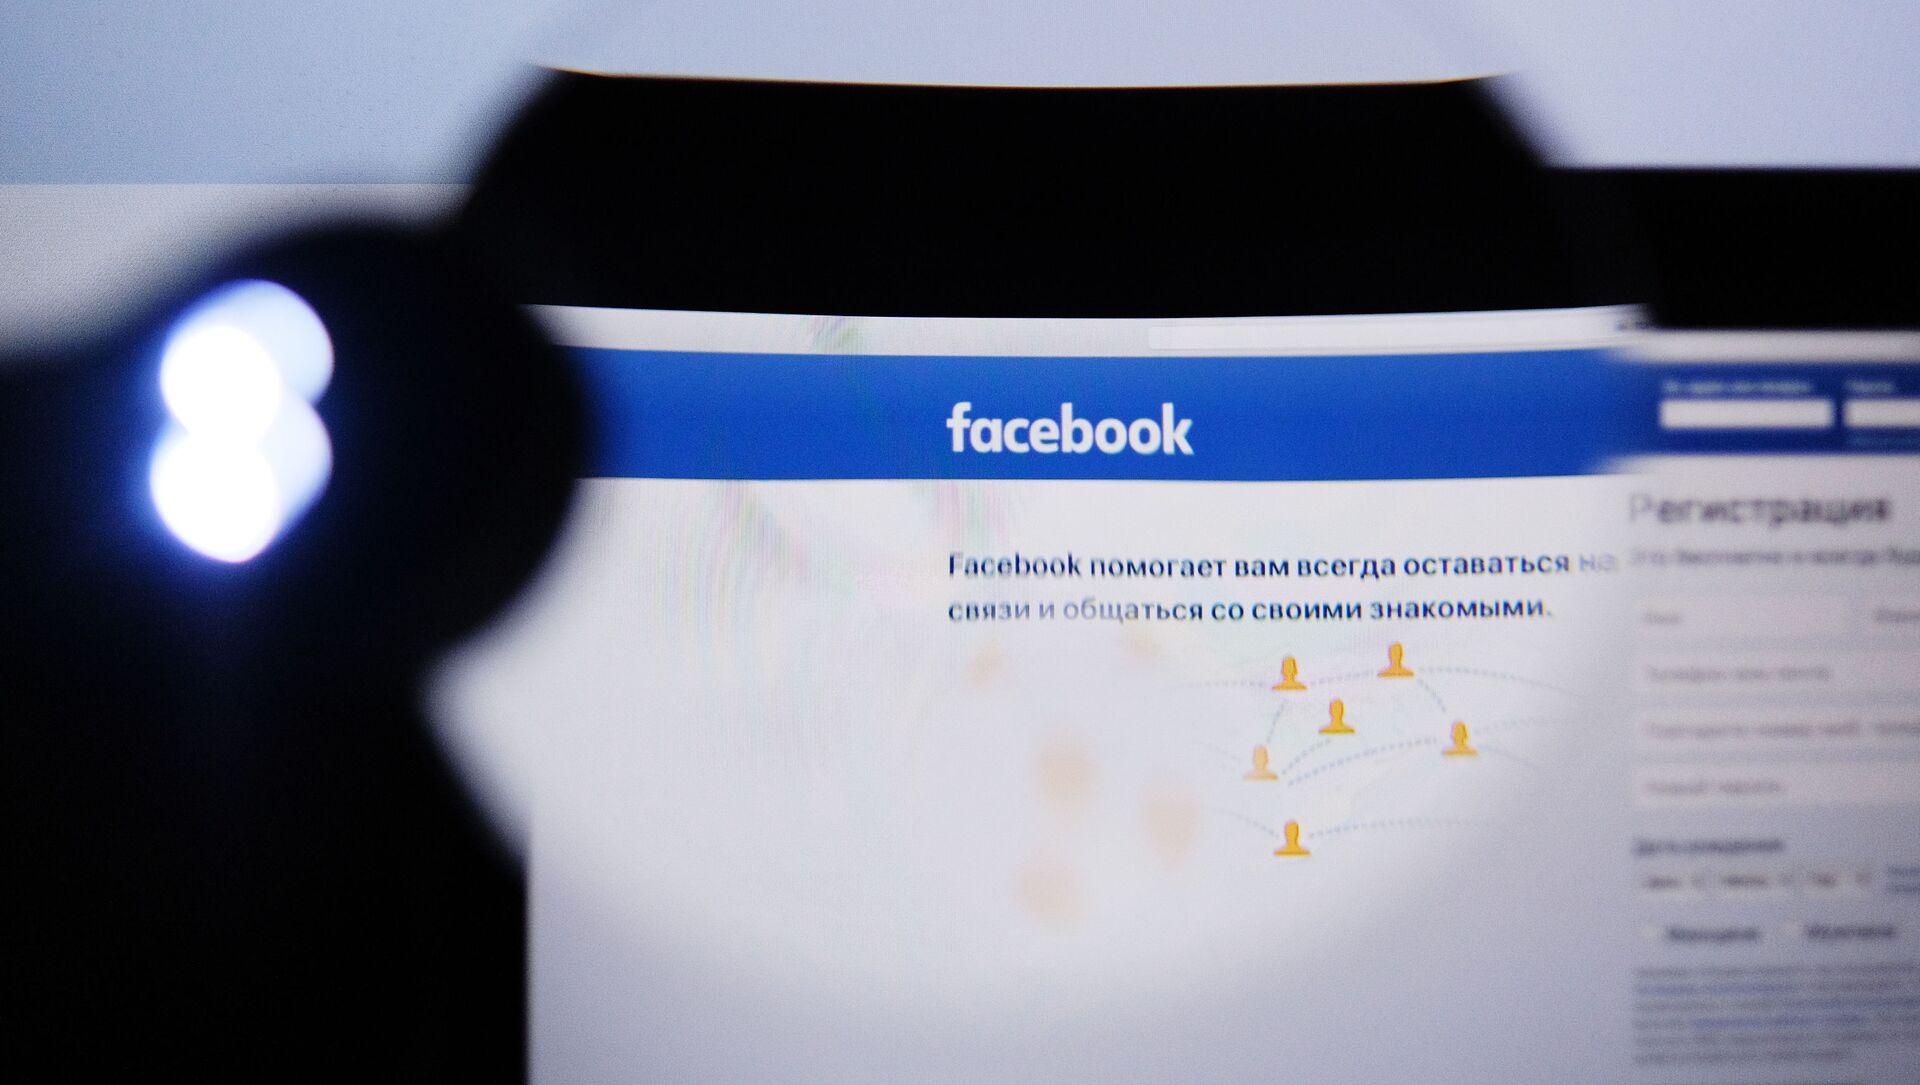 Strona serwisu społecznościowego Facebook na ekranie komputera - Sputnik Polska, 1920, 01.03.2021